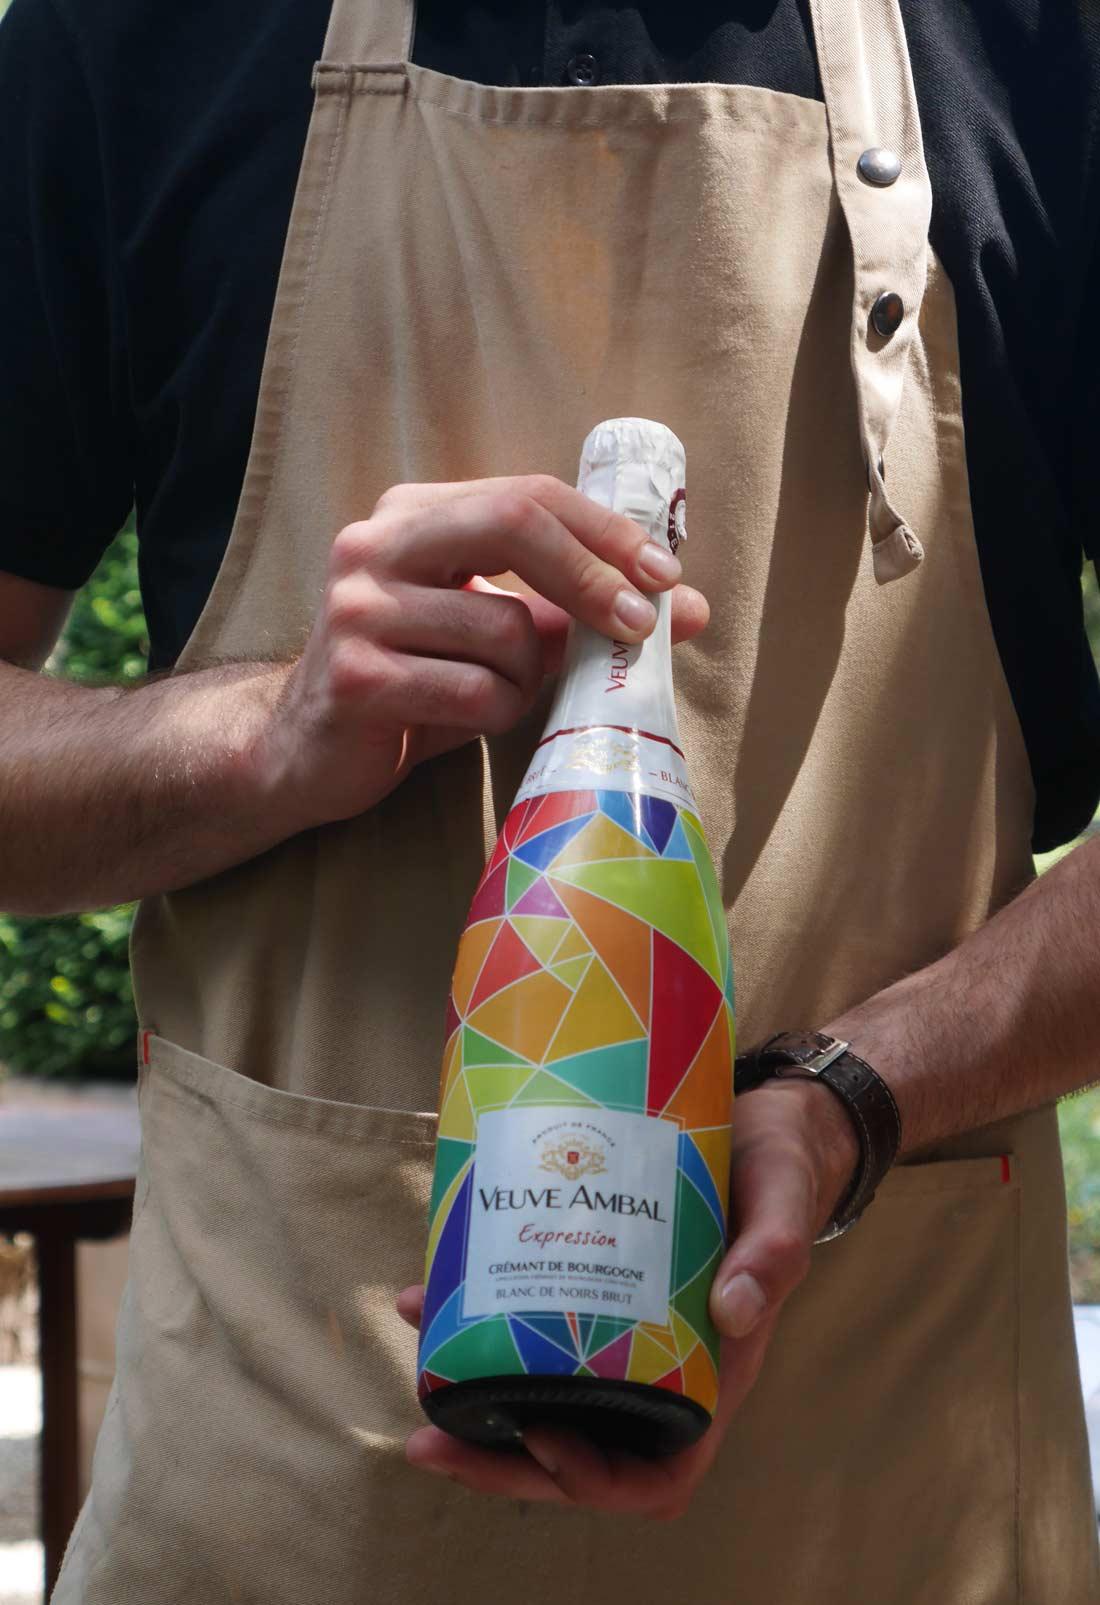 Une bouteille de Veuve Ambal Expression